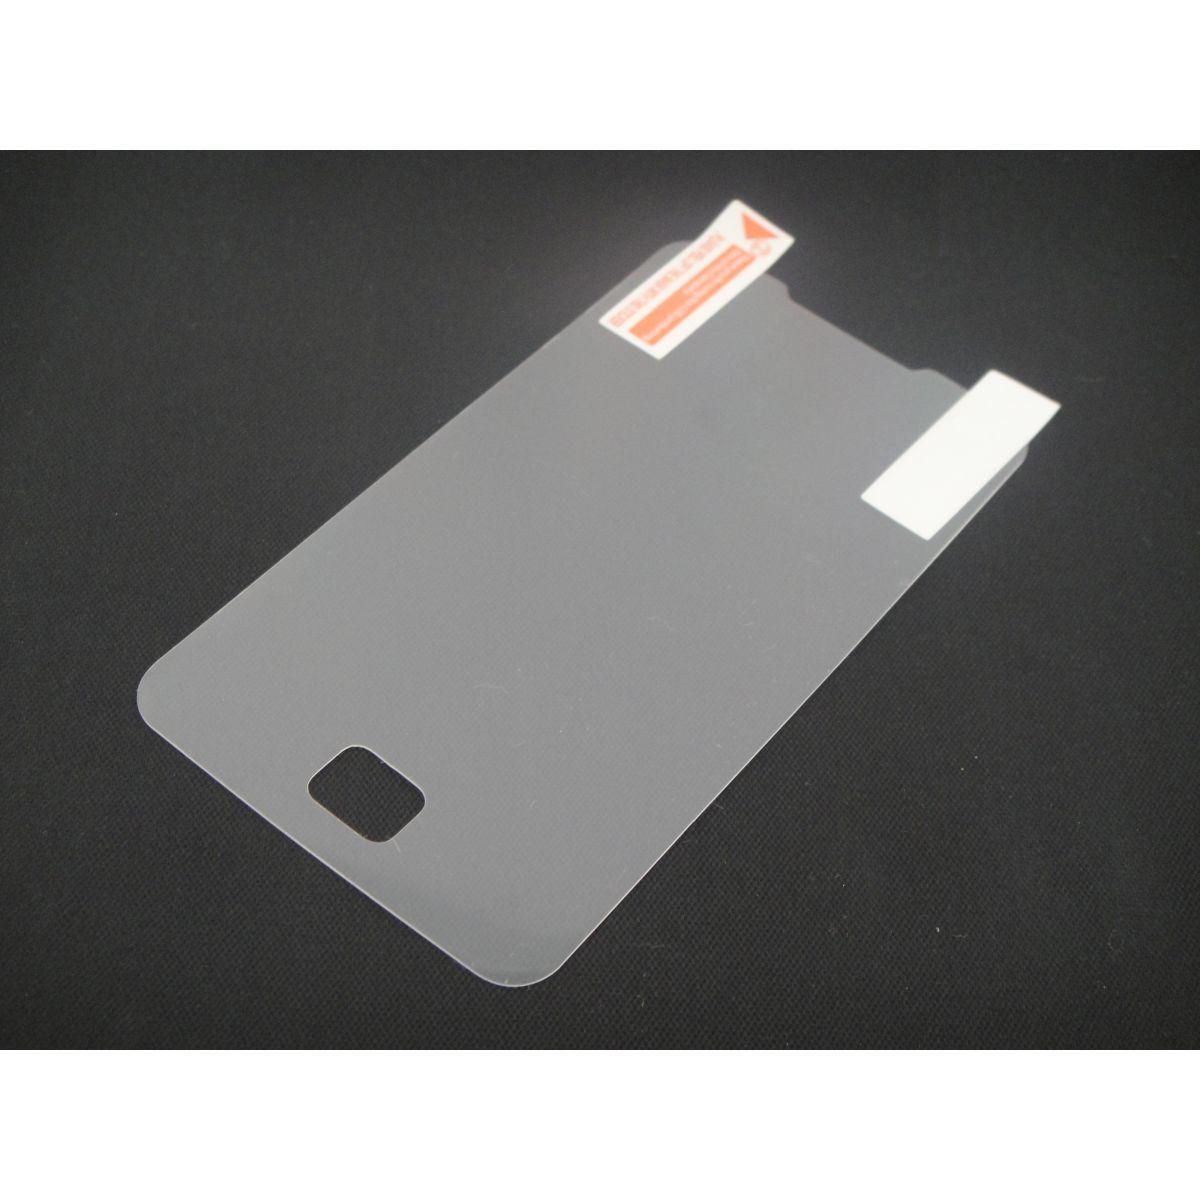 Película Protetora para LG Optimus Hub E510 - Fosca